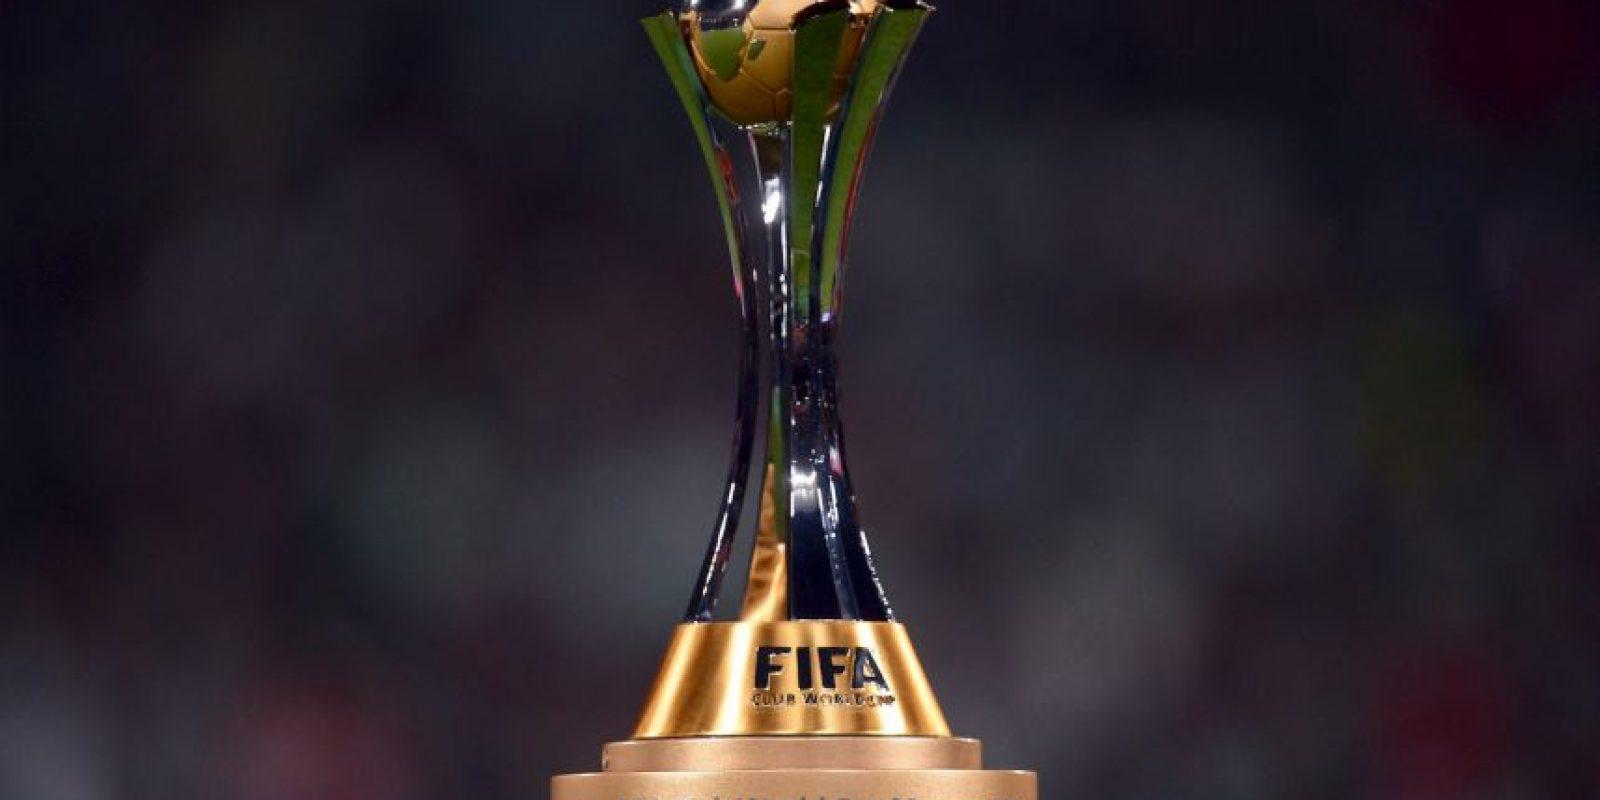 Del 10 al 20 de diciembre, se llevará a cabo en Japón el Mundial de Clubes. Foto:Getty Images